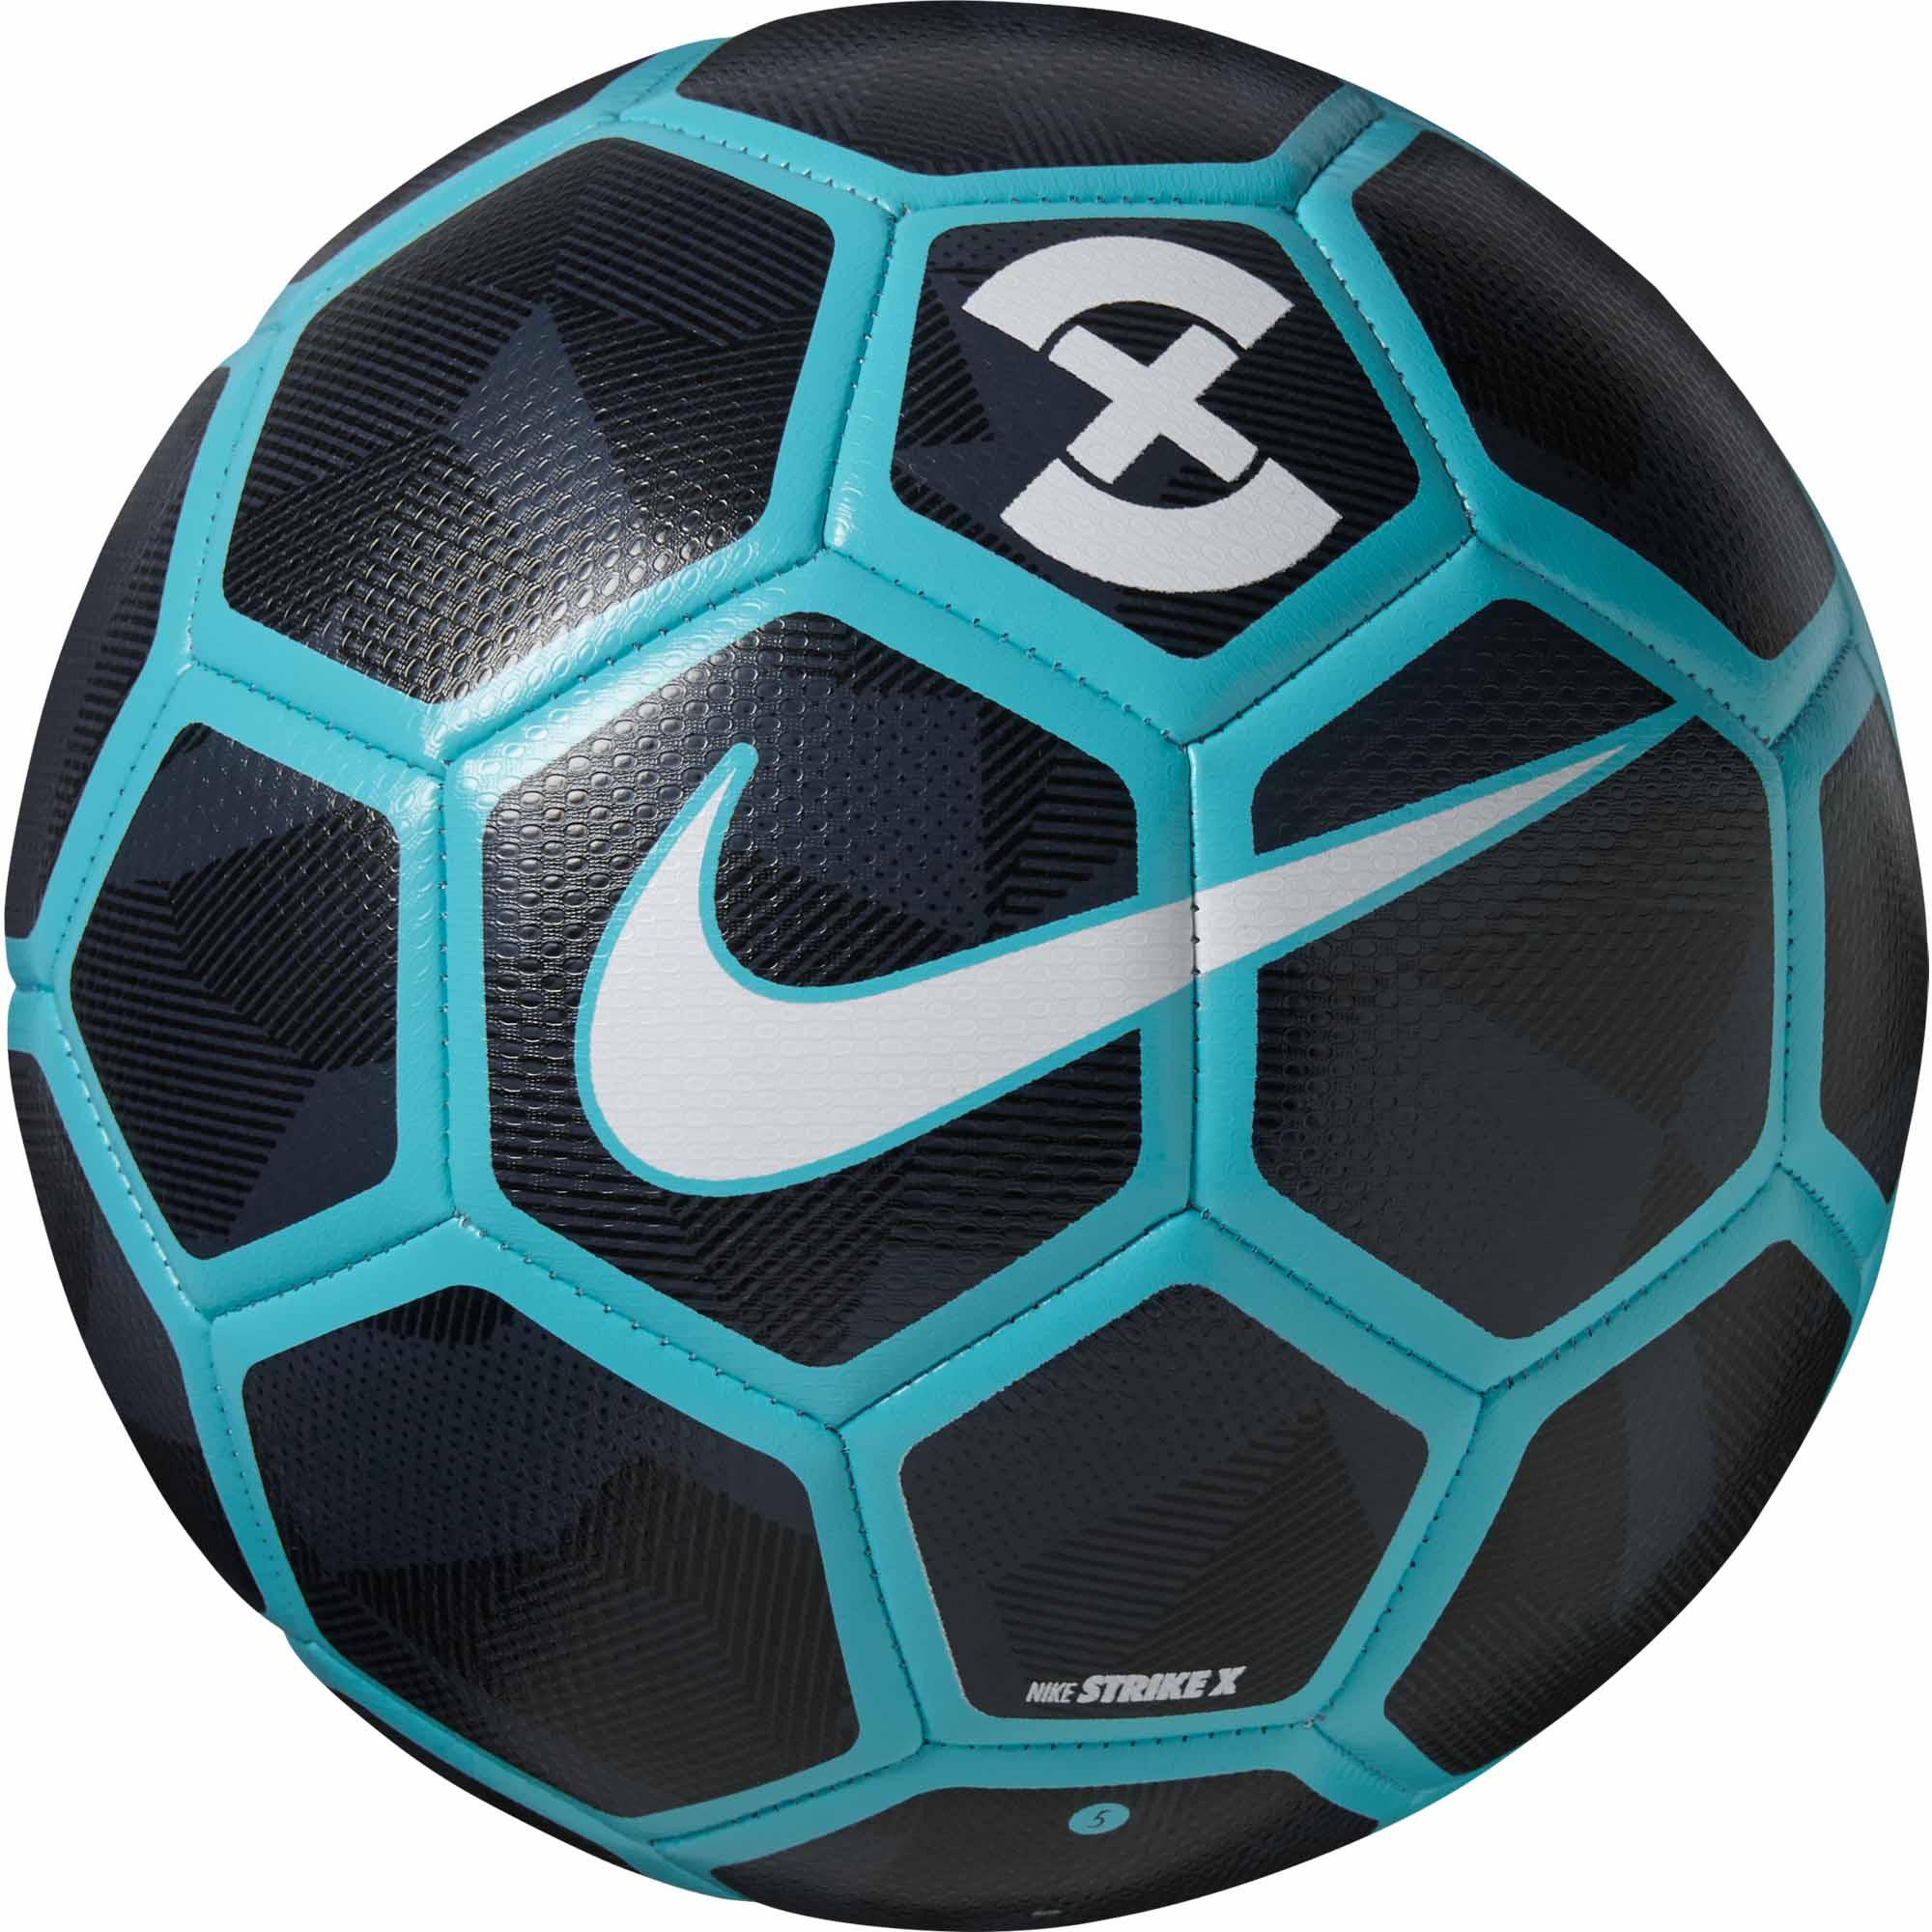 Nike Strike X Soccer Ball - Obsidian & Gamma Blue